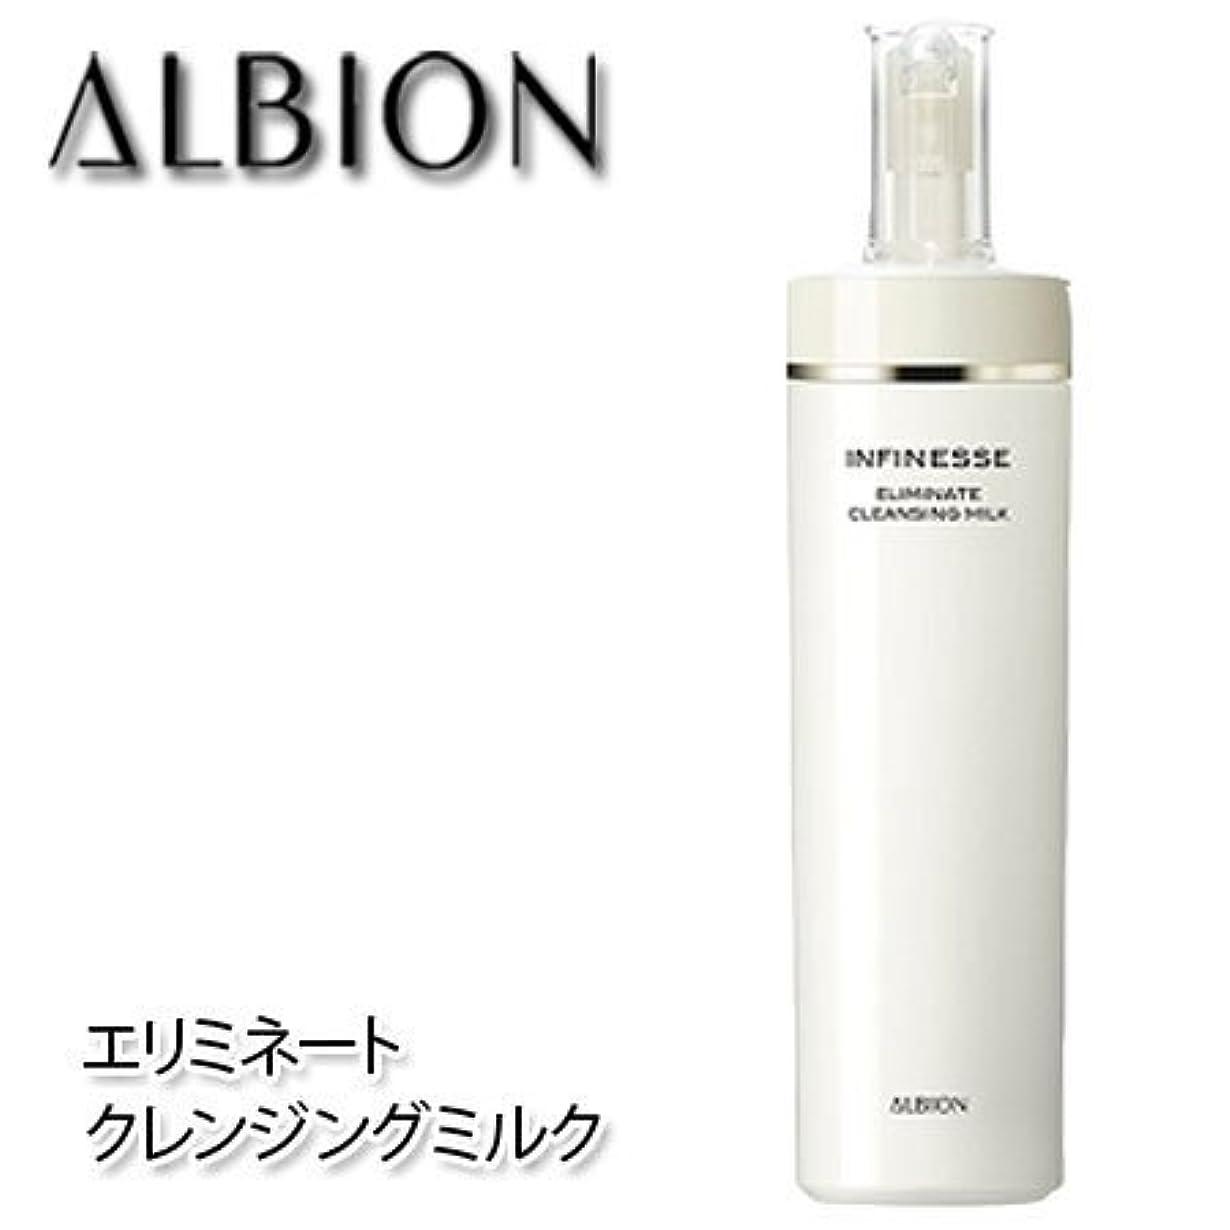 マントルスチュアート島バイオリンアルビオン アンフィネス エリミネート クレンジングミルク 200g-ALBION-